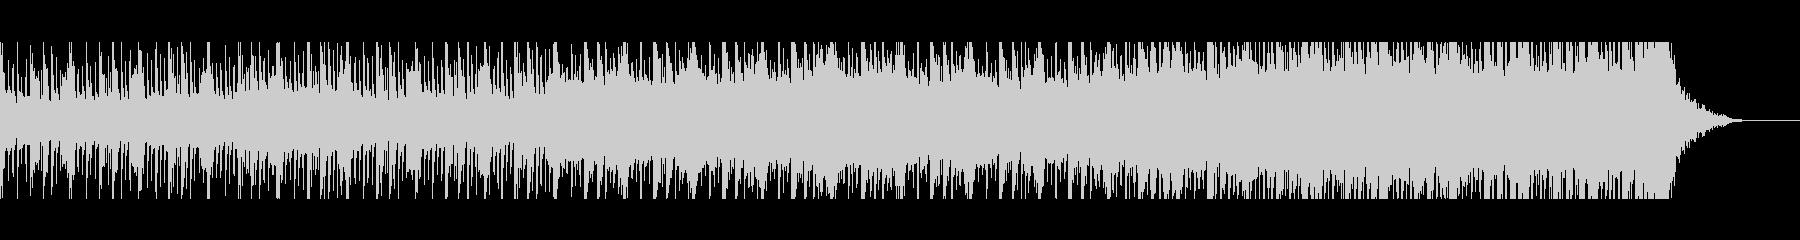 シンセメインのEDM系サウンドです。の未再生の波形